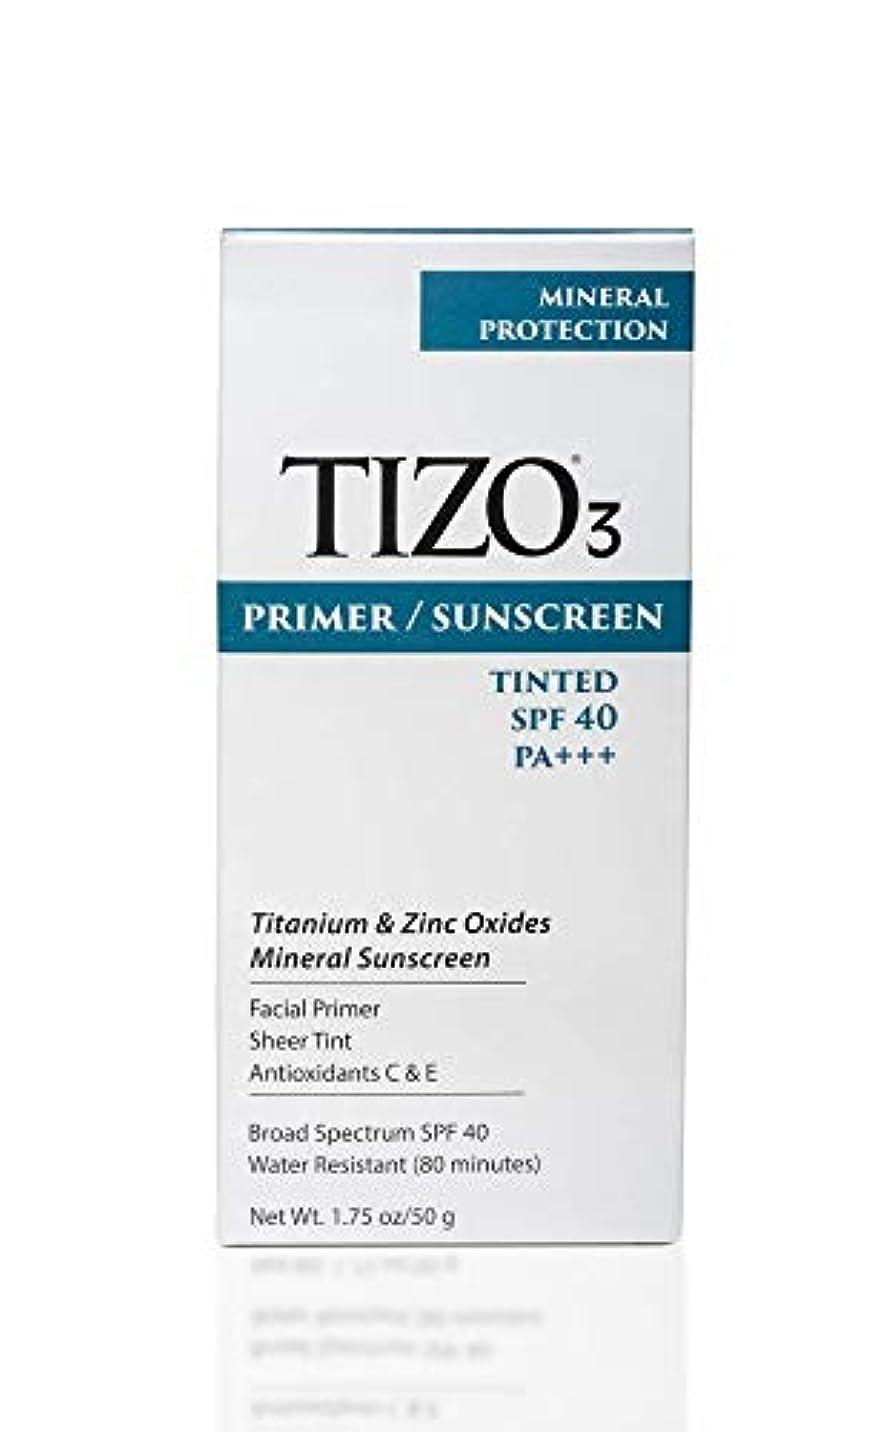 Tizo 3 Facial Mineral Sunscreen Tinted SPF40 50ml